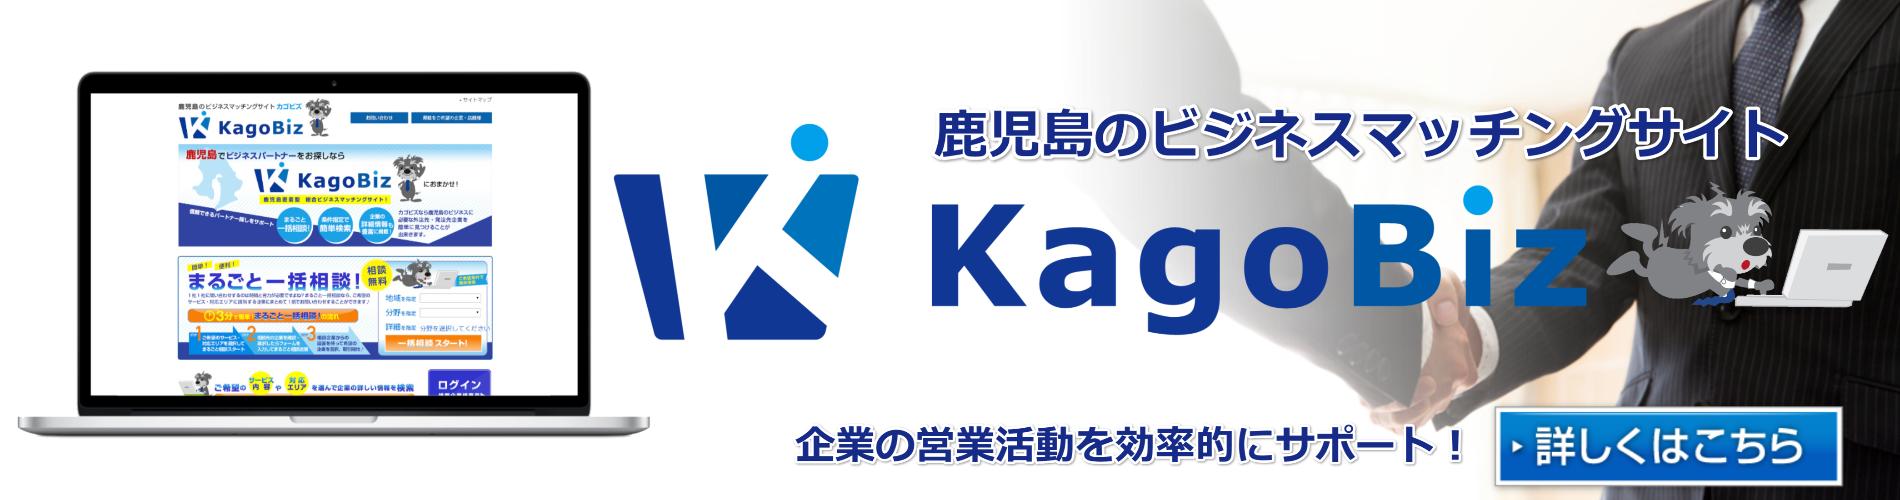 鹿児島ビジネスマッチングサイトカゴビズ